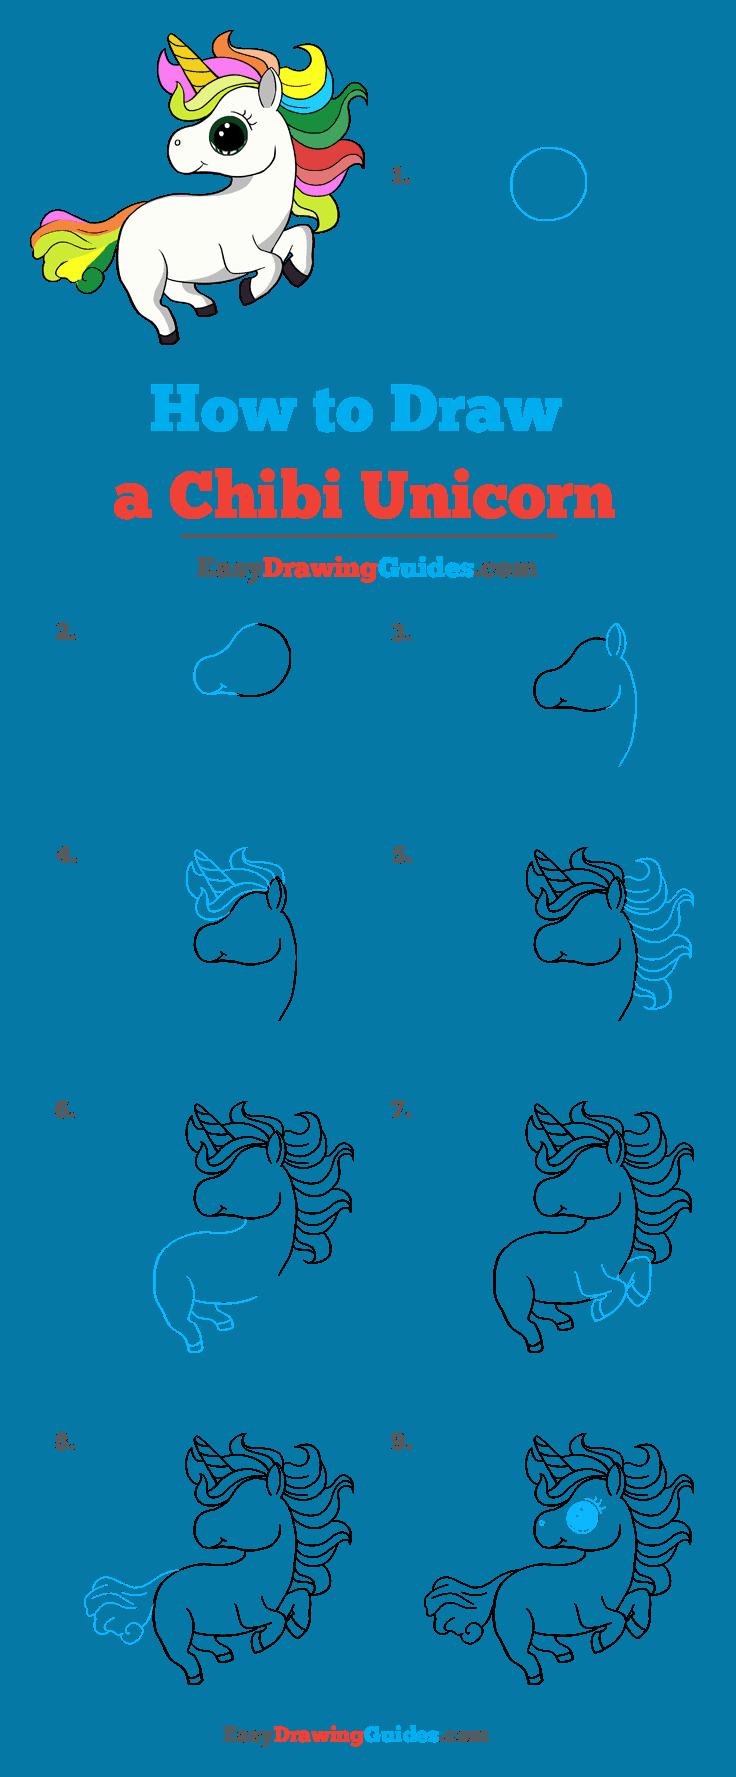 How to Draw Chibi Unicorn